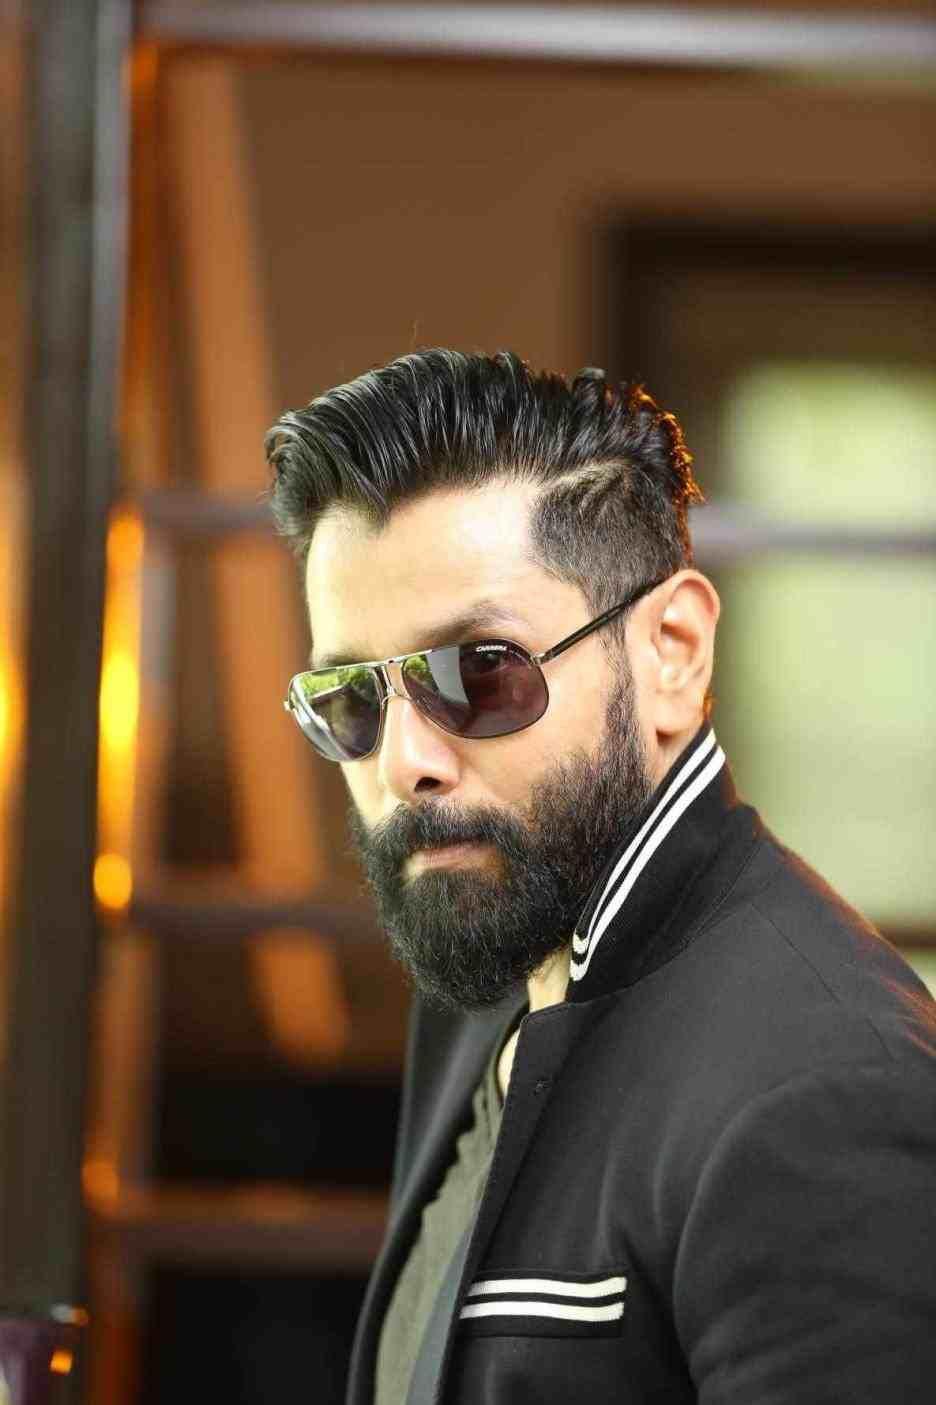 Hairstyles For Men Indian Actor Hotttie In Sunglasses Beard